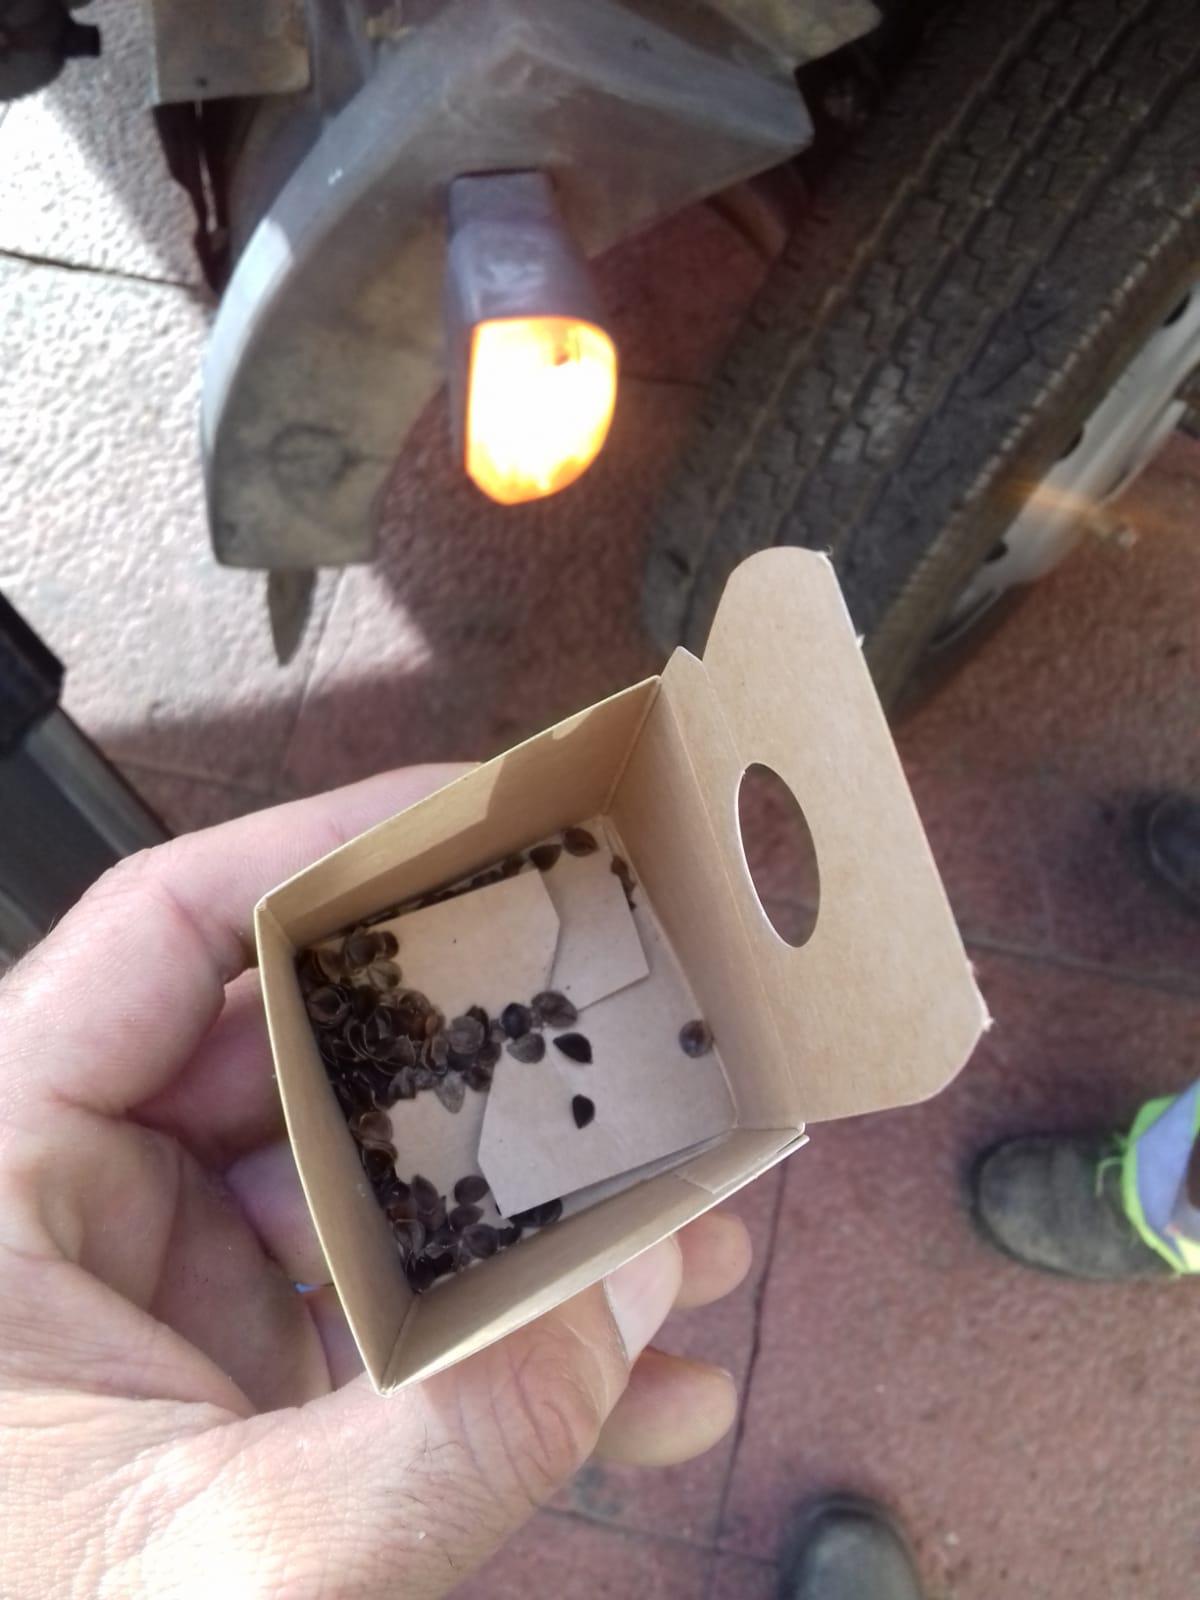 Tamaño de los insectos beneficiosos. En las cajas puede haber larvas, a punto de eclosionar o eclosionadas. Imagen: Ayto. de Murcia